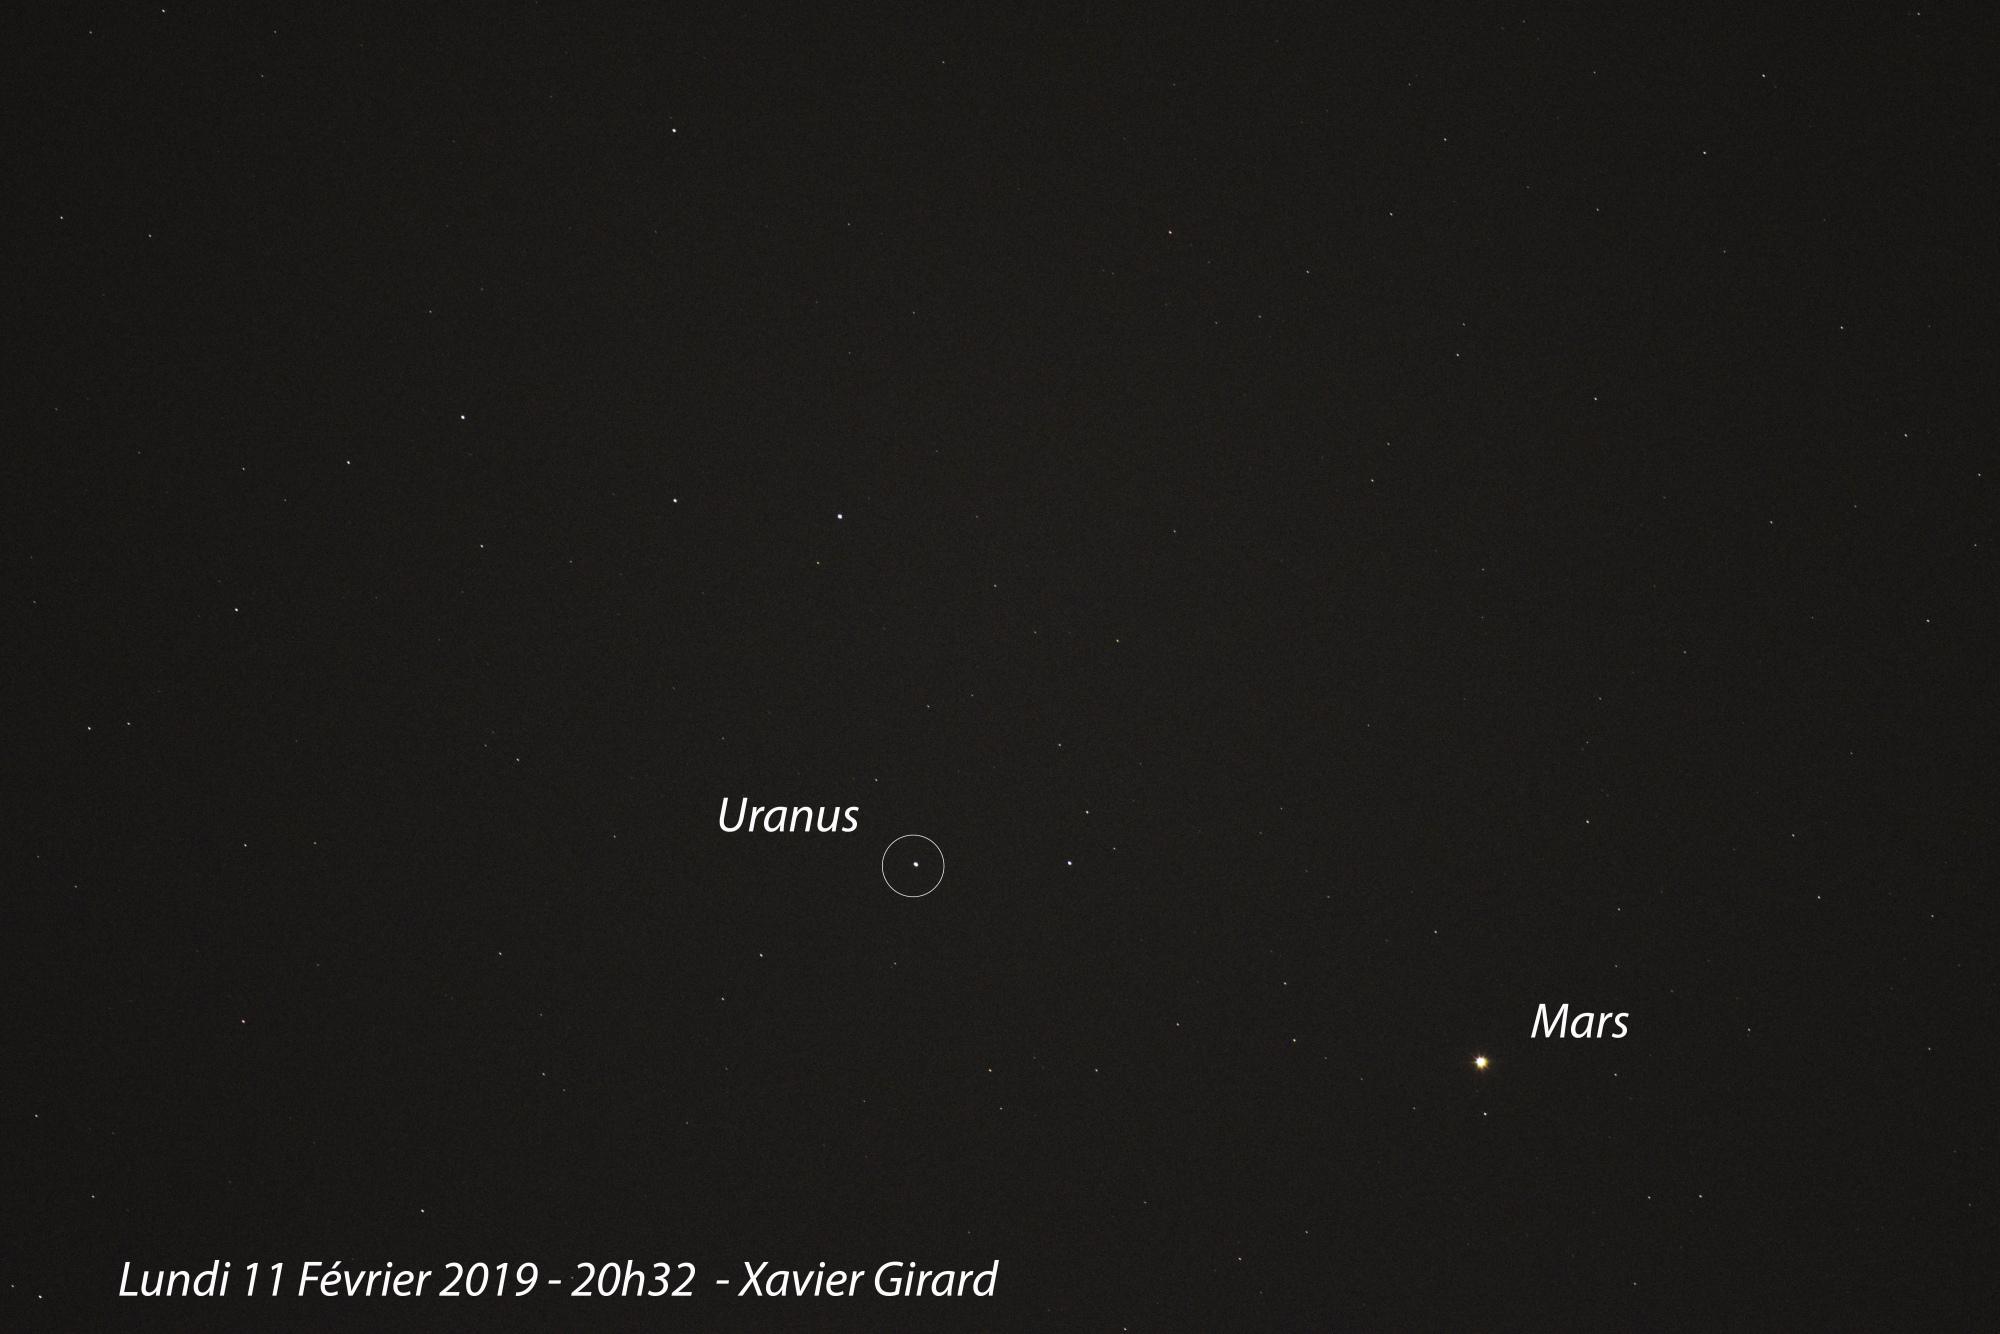 Mars_Uranus_110219_20h32_(_DSC3932).jpg